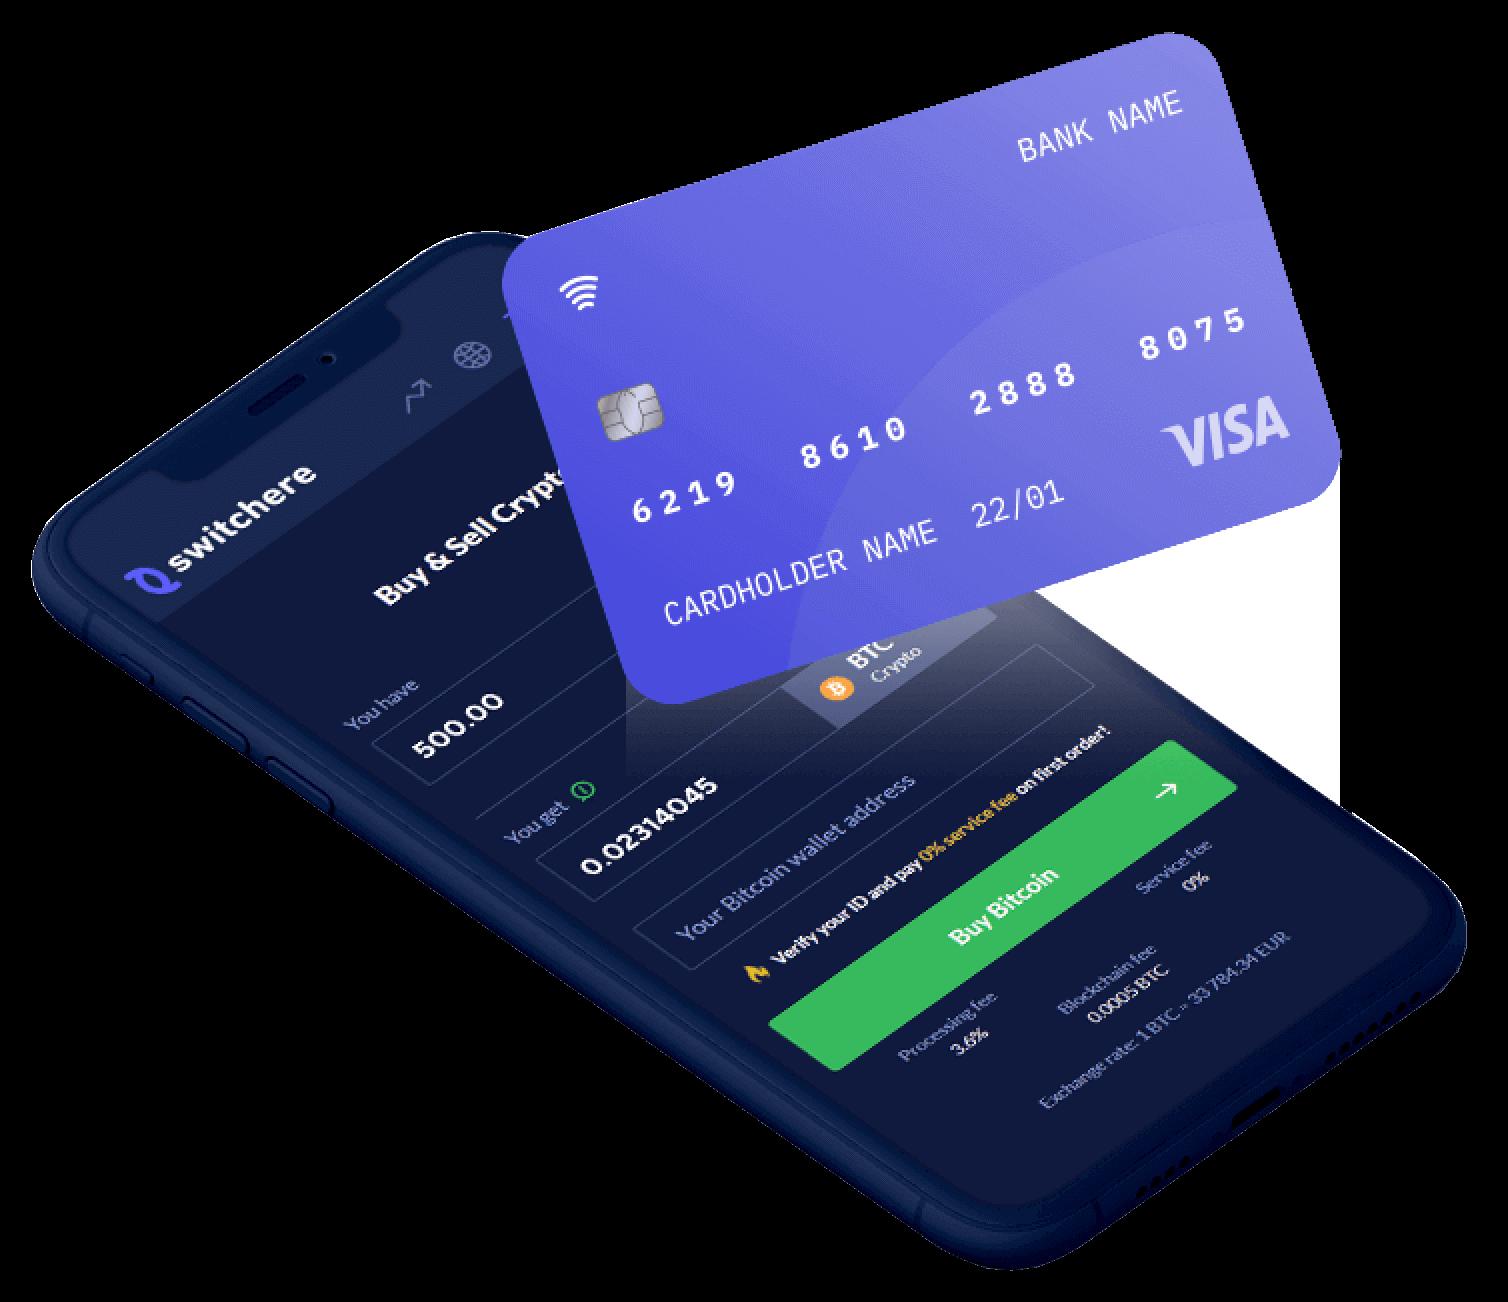 บัตรเครดิต แลกBitcoin เป็นเงิน ขายบิทคอยน์ แลกบิทคอยน์ เป็นเงินบาท ซื้อขาย บิทคอยน์